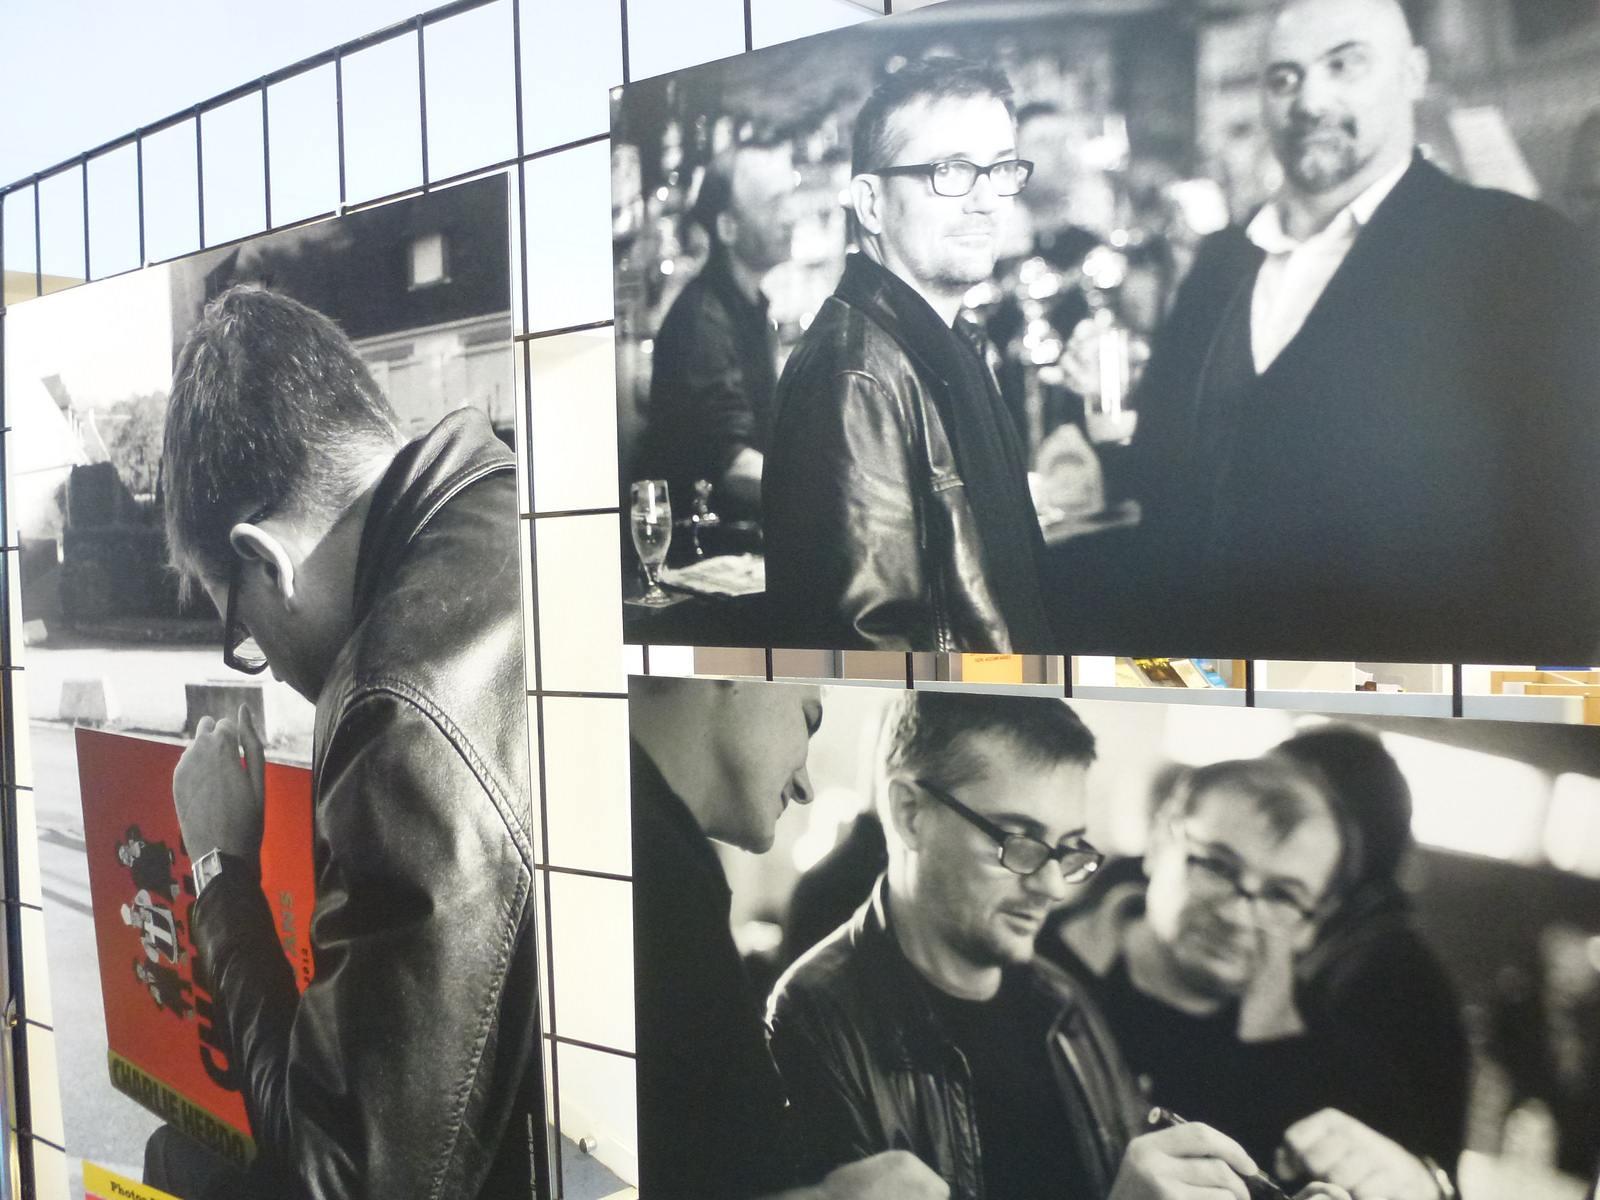 charlie hebdo exhibit14 Exhibition Charlie Hebdo at Quimperle